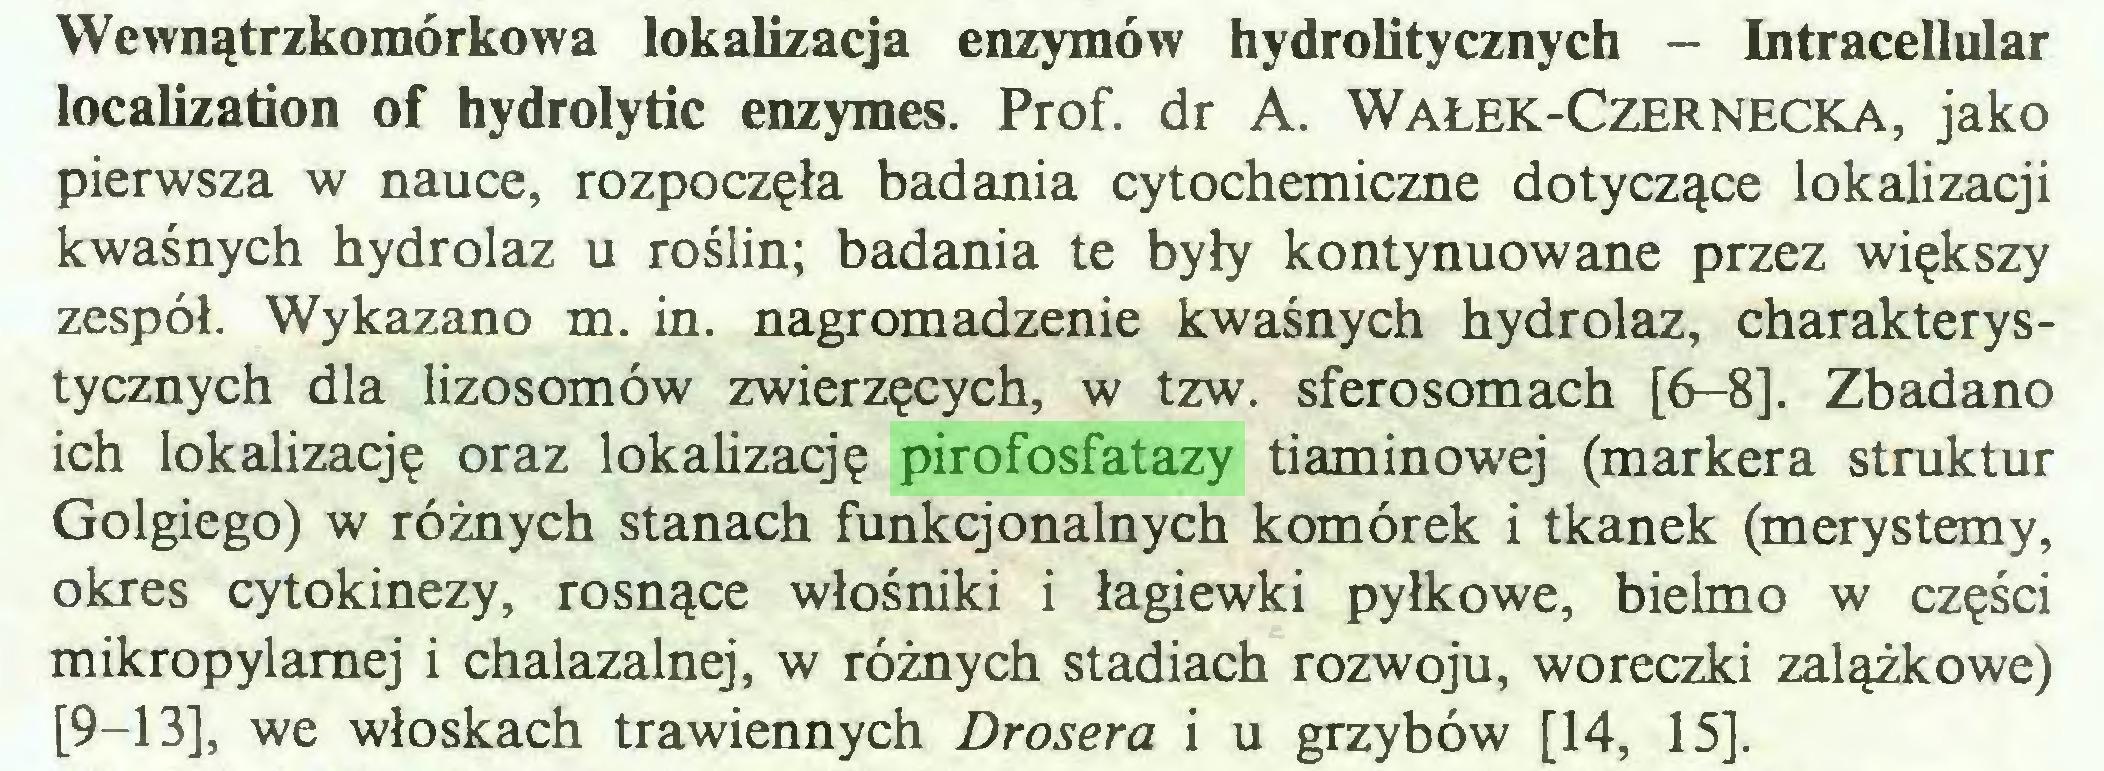 (...) Wewnątrzkomórkowa lokalizacja enzymów hydrolitycznych - Intracellular localizadon of hydrolydc enzymes. Prof. dr A. Wałek-Czernecka, jako pierwsza w nauce, rozpoczęła badania cytochemiczne dotyczące lokalizacji kwaśnych hydrolaz u roślin; badania te były kontynuowane przez większy zespół. Wykazano m. in. nagromadzenie kwaśnych hydrolaz, charakterystycznych dla lizosomów zwierzęcych, w tzw. sferosomach [6-8]. Zbadano ich lokalizację oraz lokalizację pirofosfatazy tiaminowej (markera struktur Golgiego) w różnych stanach funkcjonalnych komórek i tkanek (merystemy, okres cytokinezy, rosnące włośniki i łagiewki pyłkowe, bielmo w części mikropylamej i chalazalnej, w różnych stadiach rozwoju, woreczki zalążkowe) [9-13], we włoskach trawiennych Drosera i u grzybów [14, 15]...